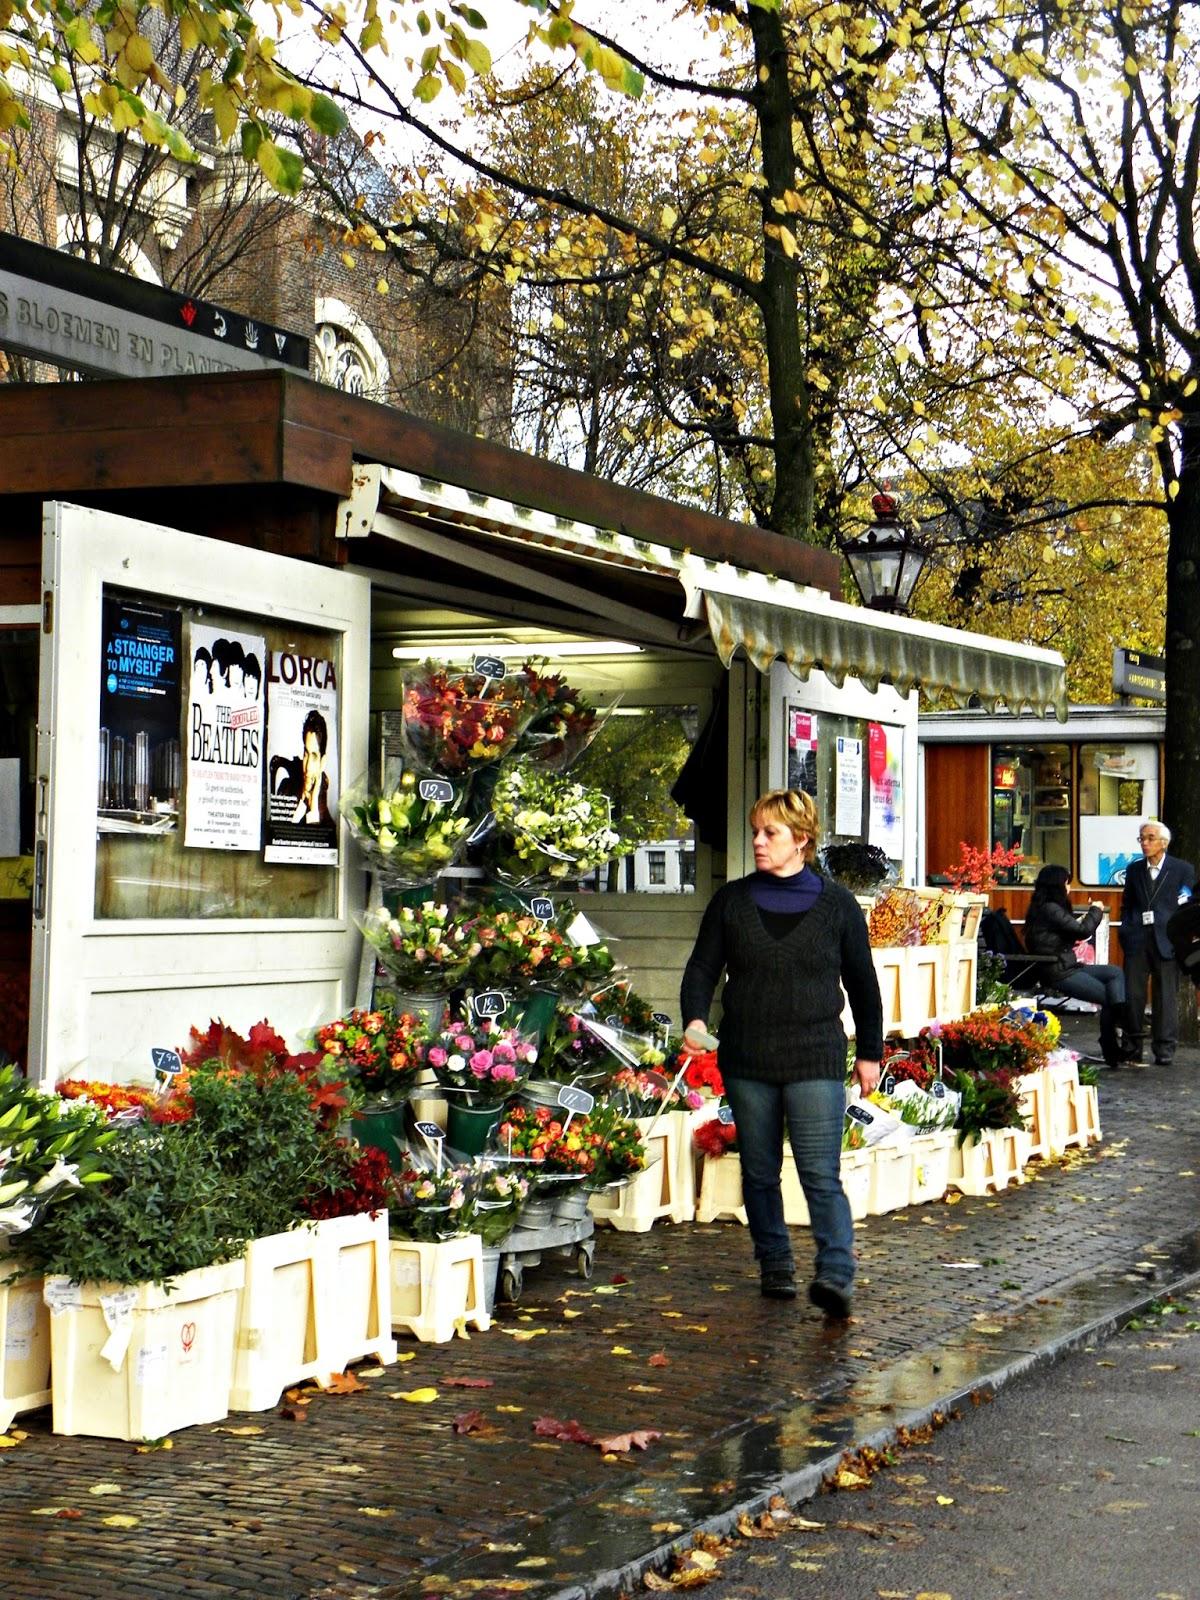 Mercado-de-Flores-Amsterdam